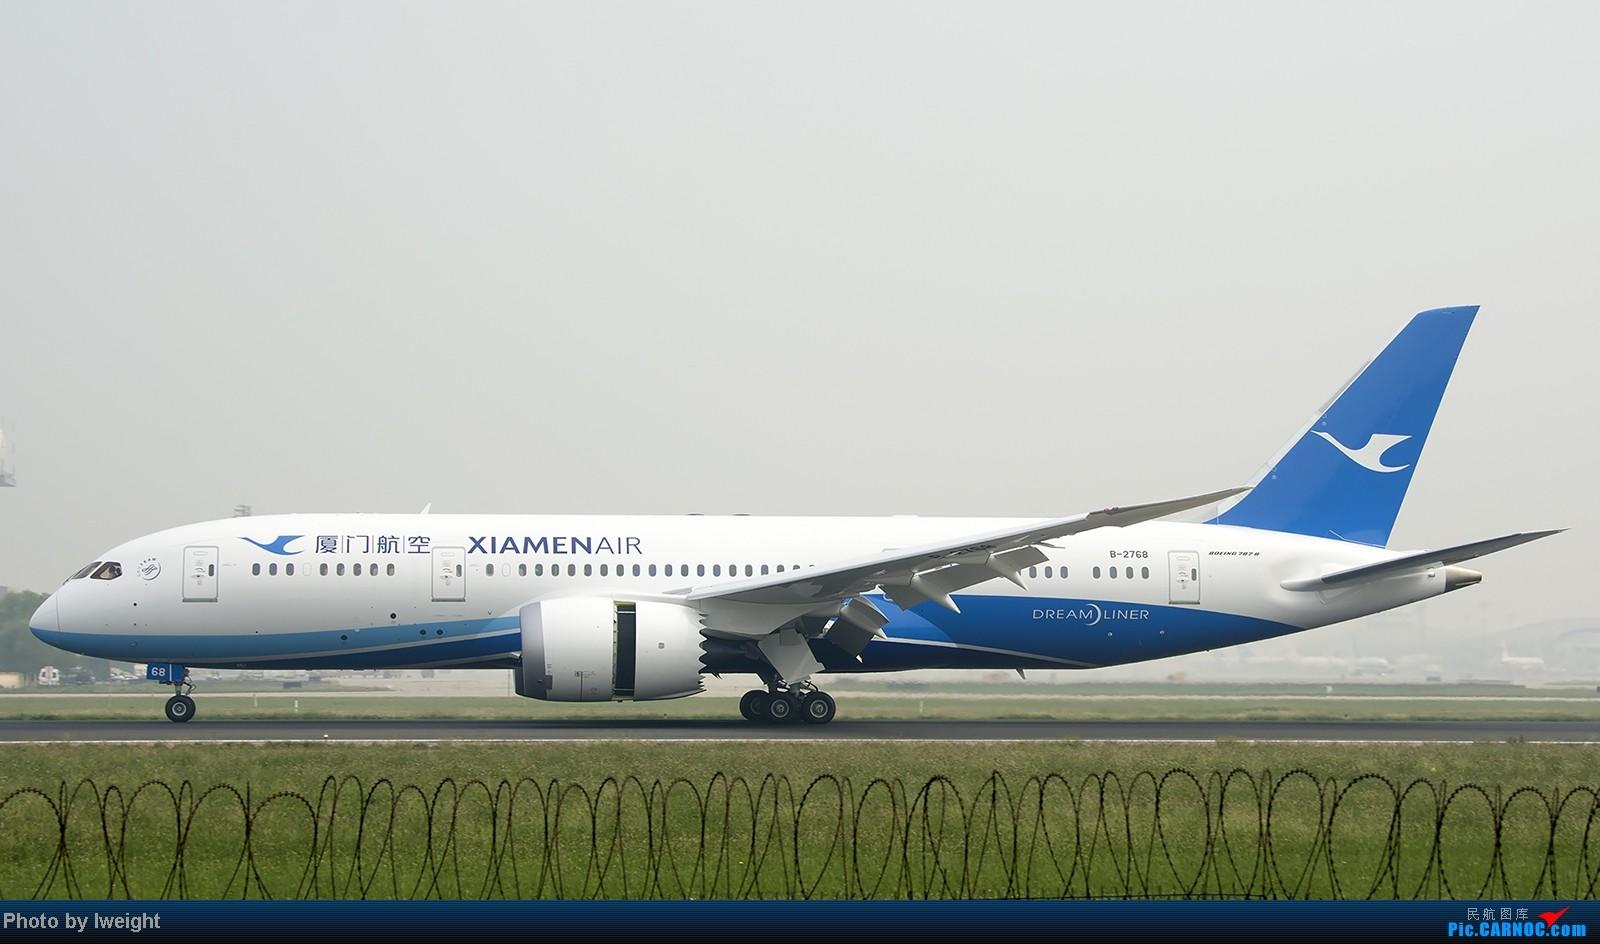 Re:[原创]9月7日帝都的烂天里乱拍一通 BOEING 787-8 B-2768 中国北京首都机场